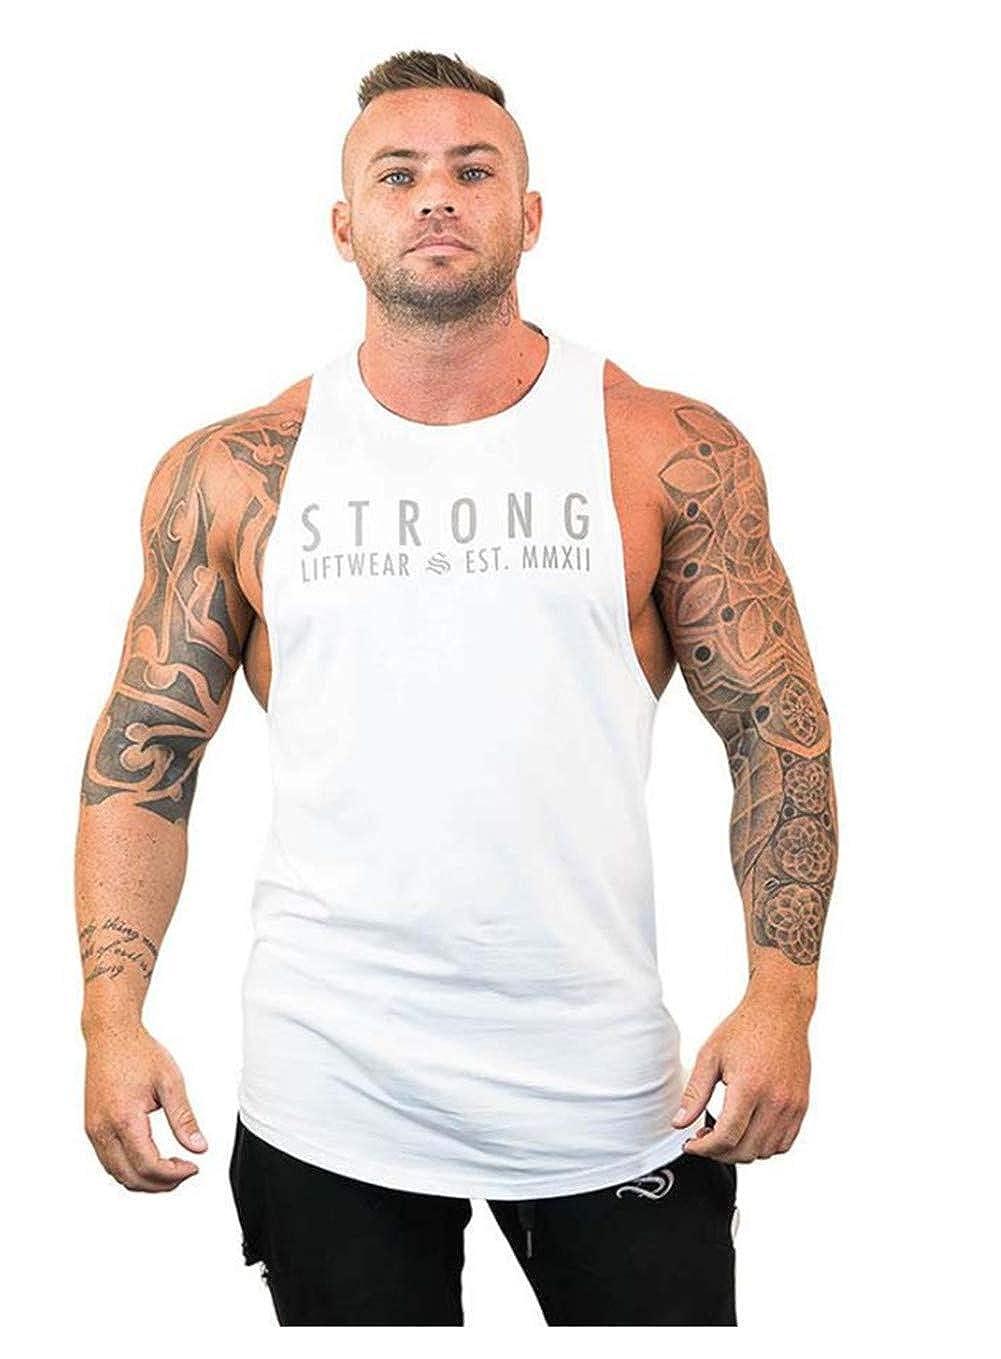 Herren Sport Tank top Muskel Gym Workout Shirt Bodybuilding /Ärmelloser t-Shirt Stringer Fitness M-XXL Training Weste